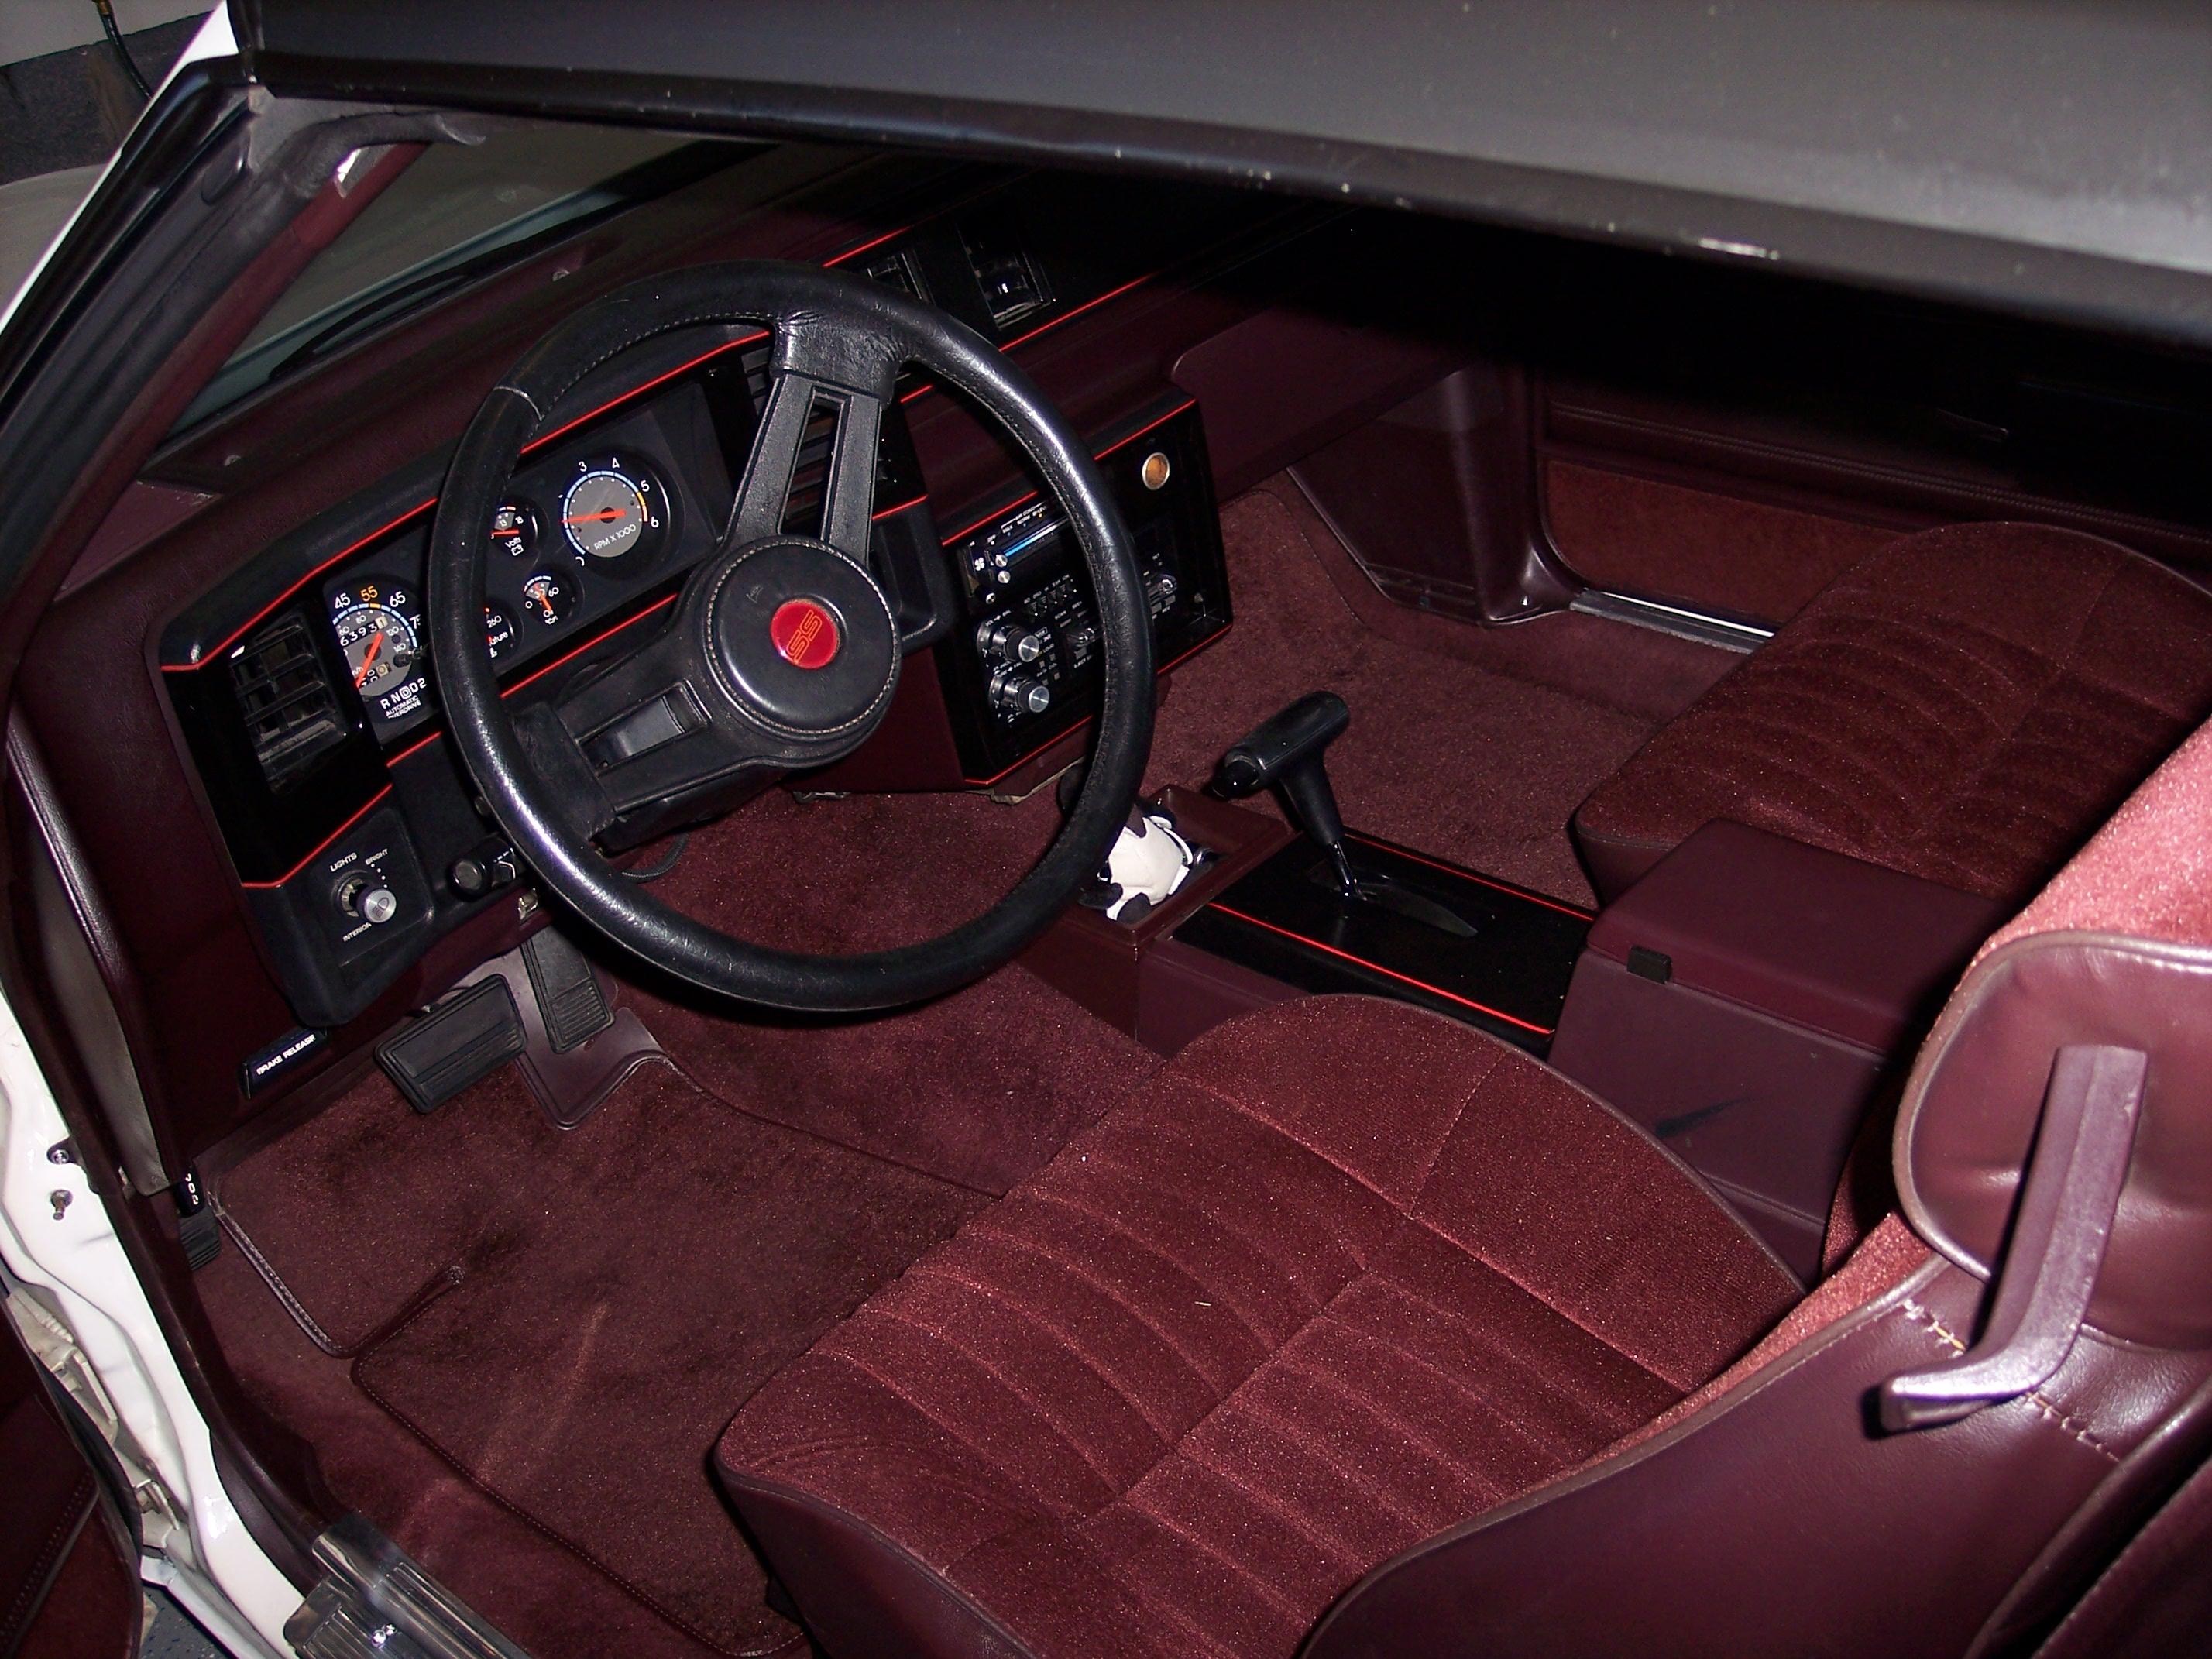 Re: For Sale; 1986 Monte Carlo